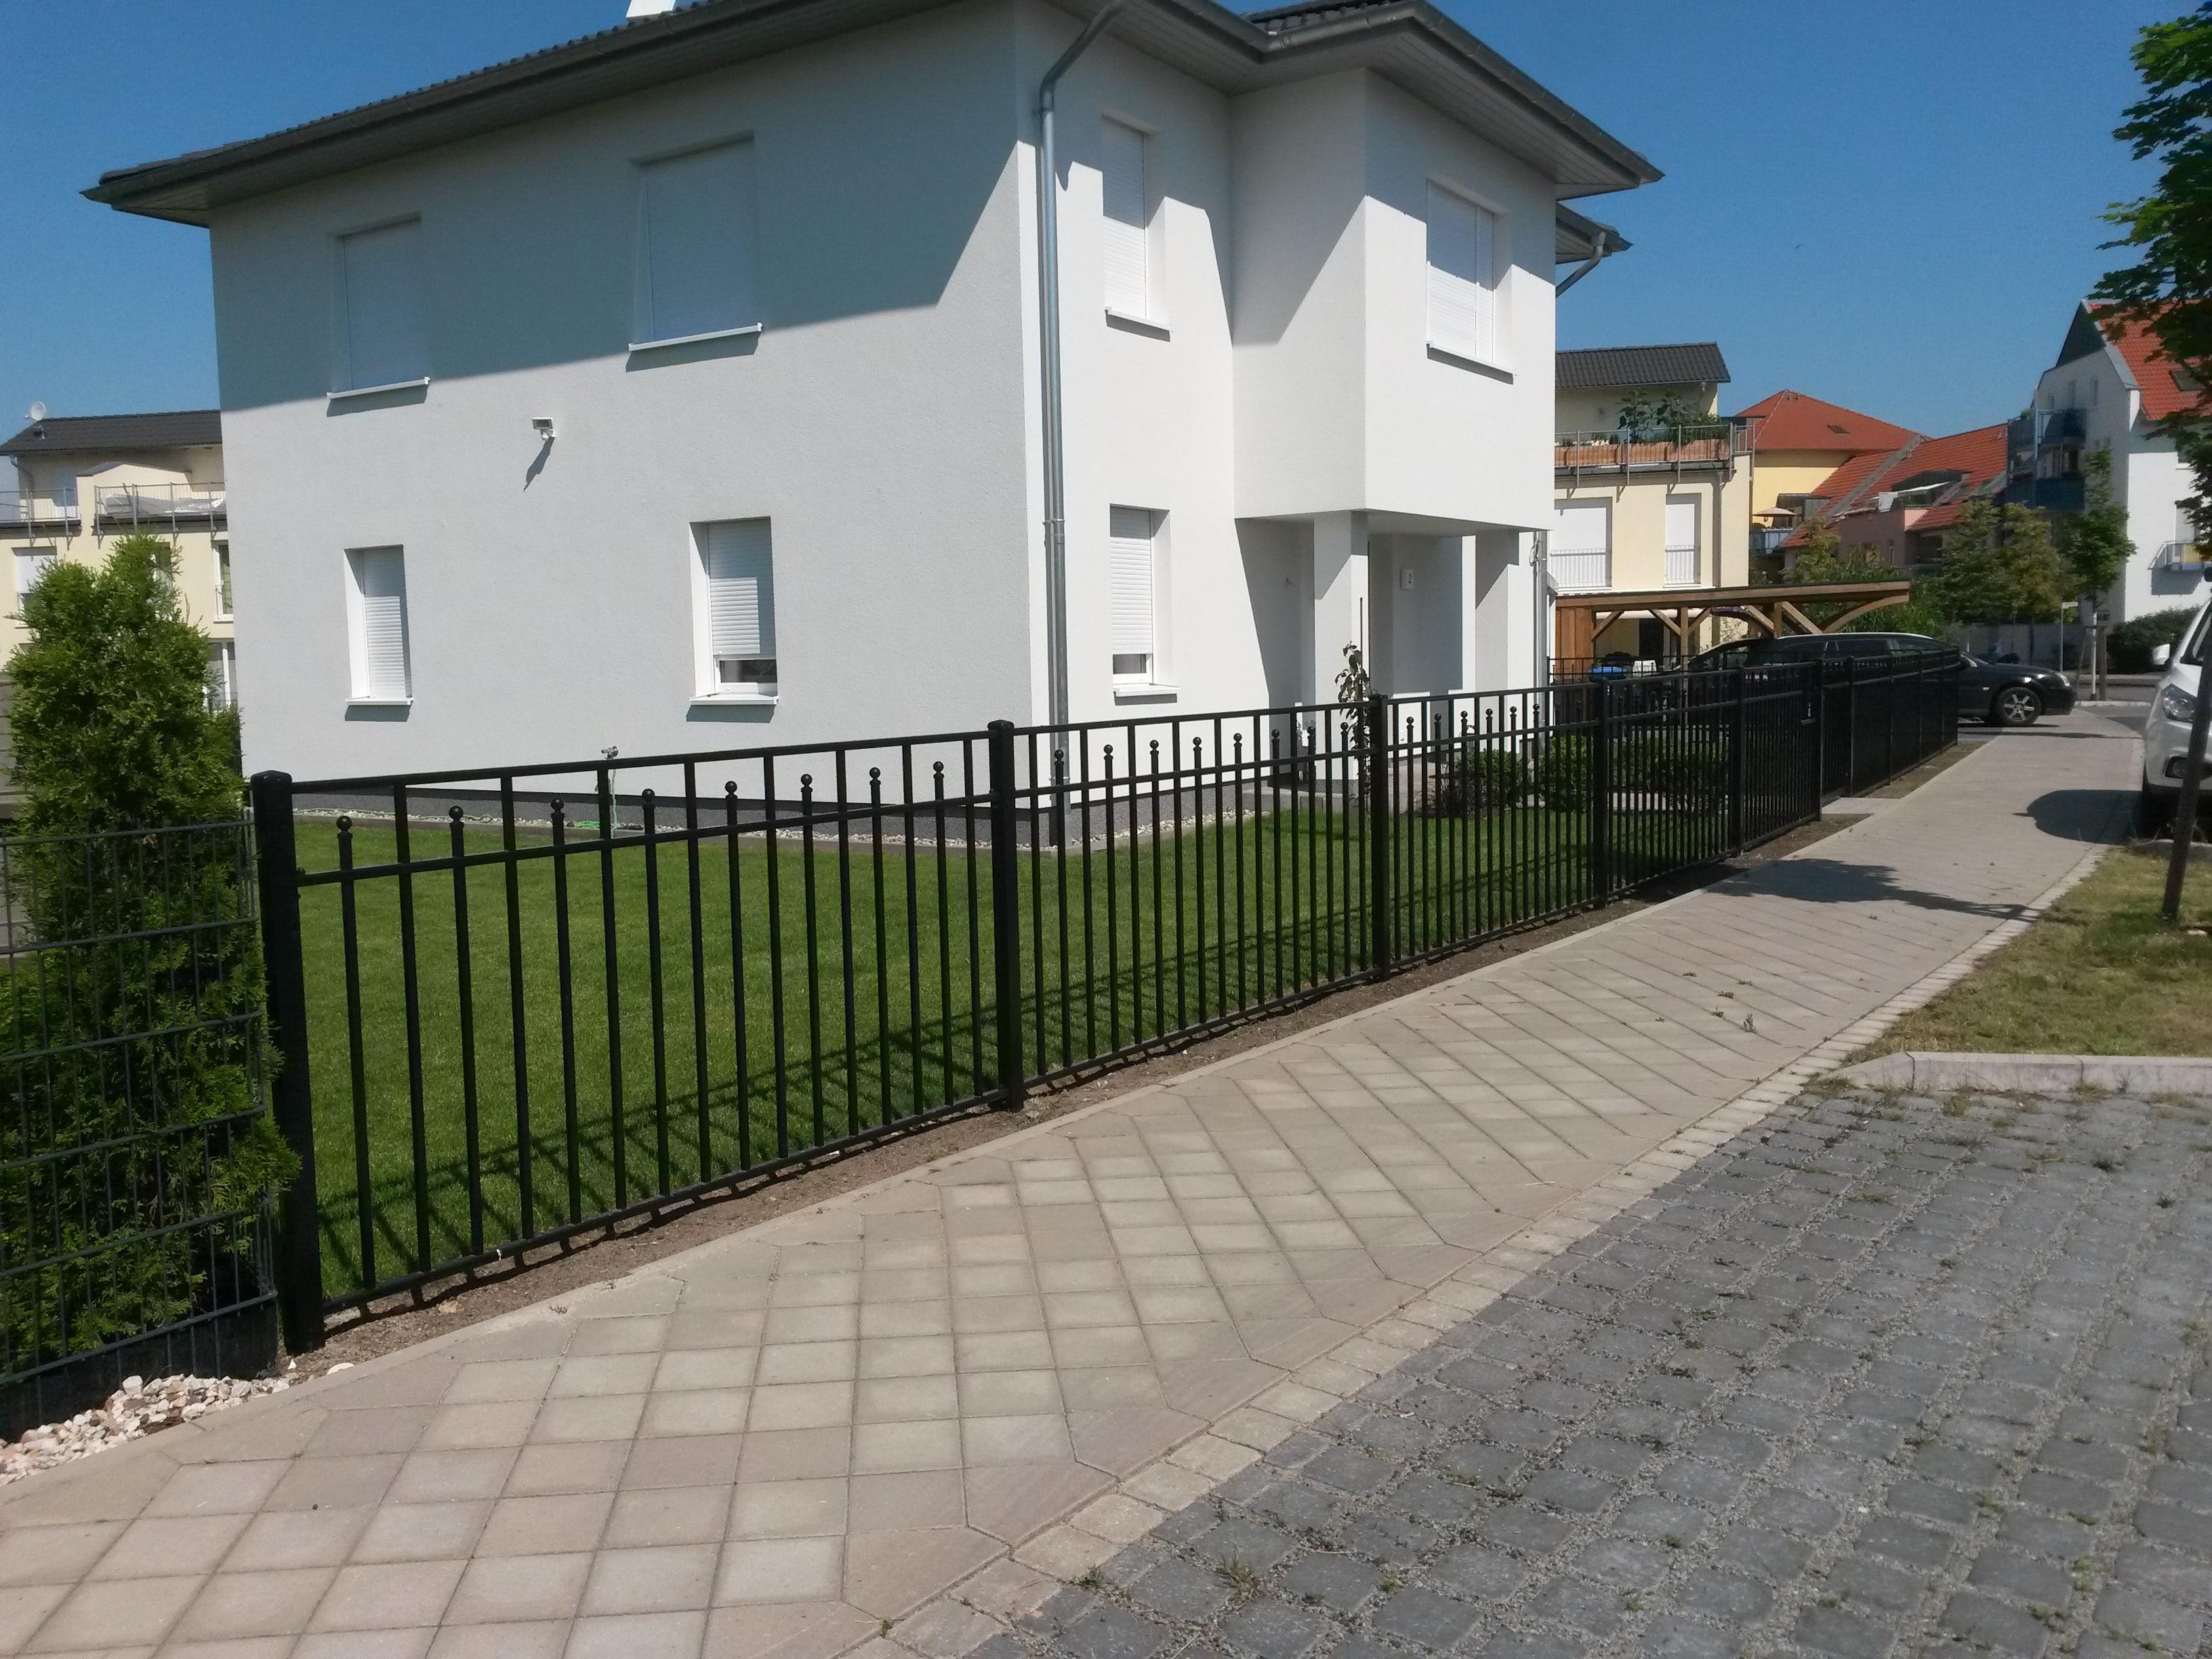 Residence_1-min